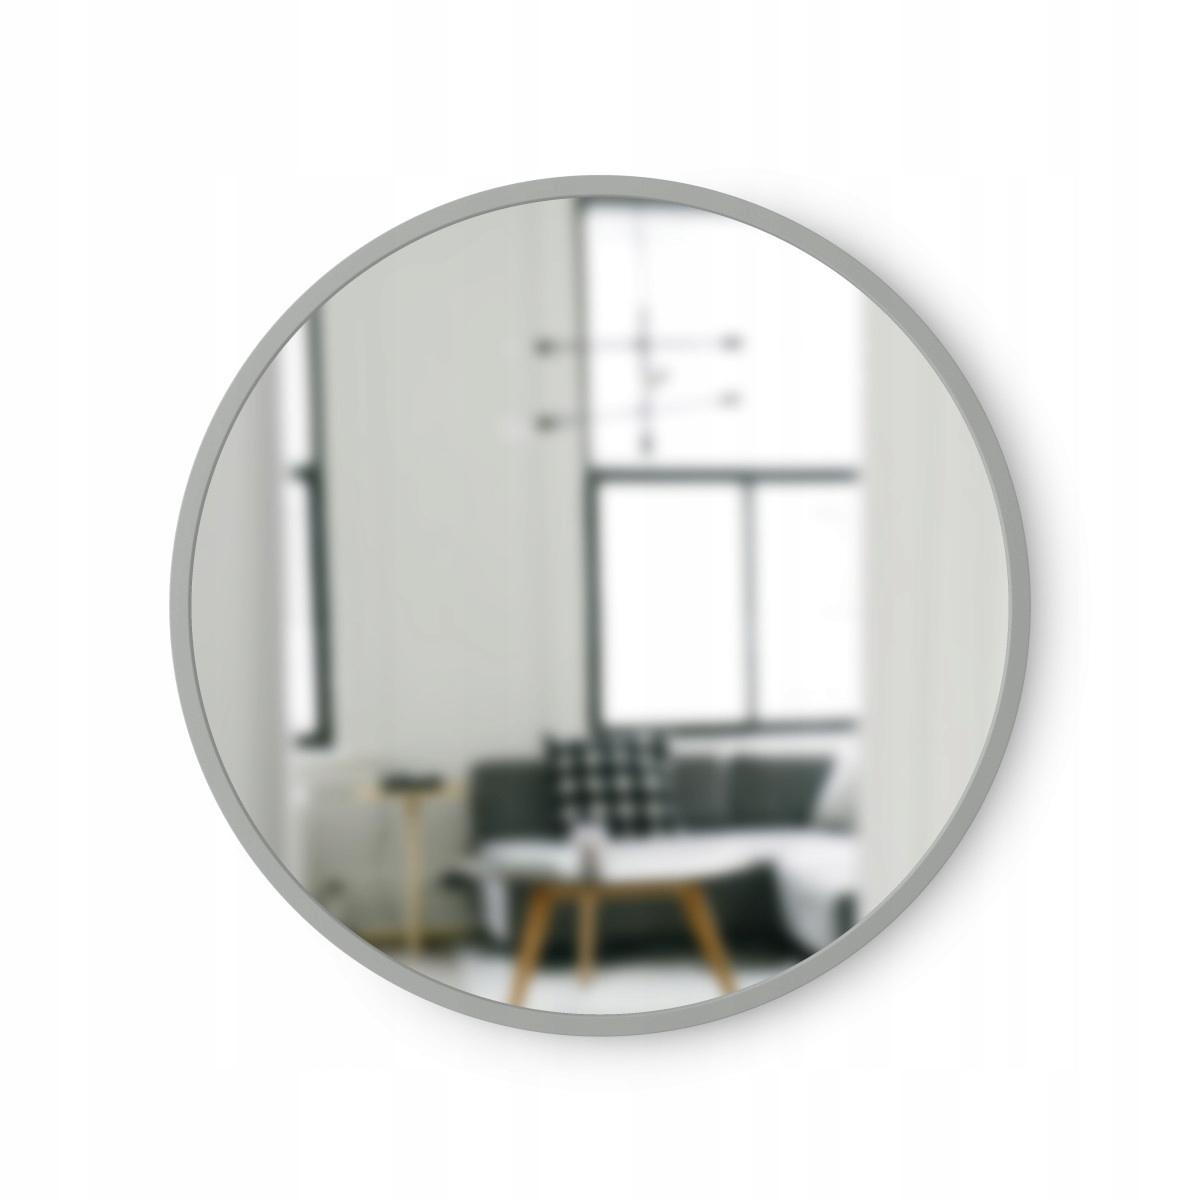 Lustro Łazienkowe Okrągłe Ścienne Szare 46 cm